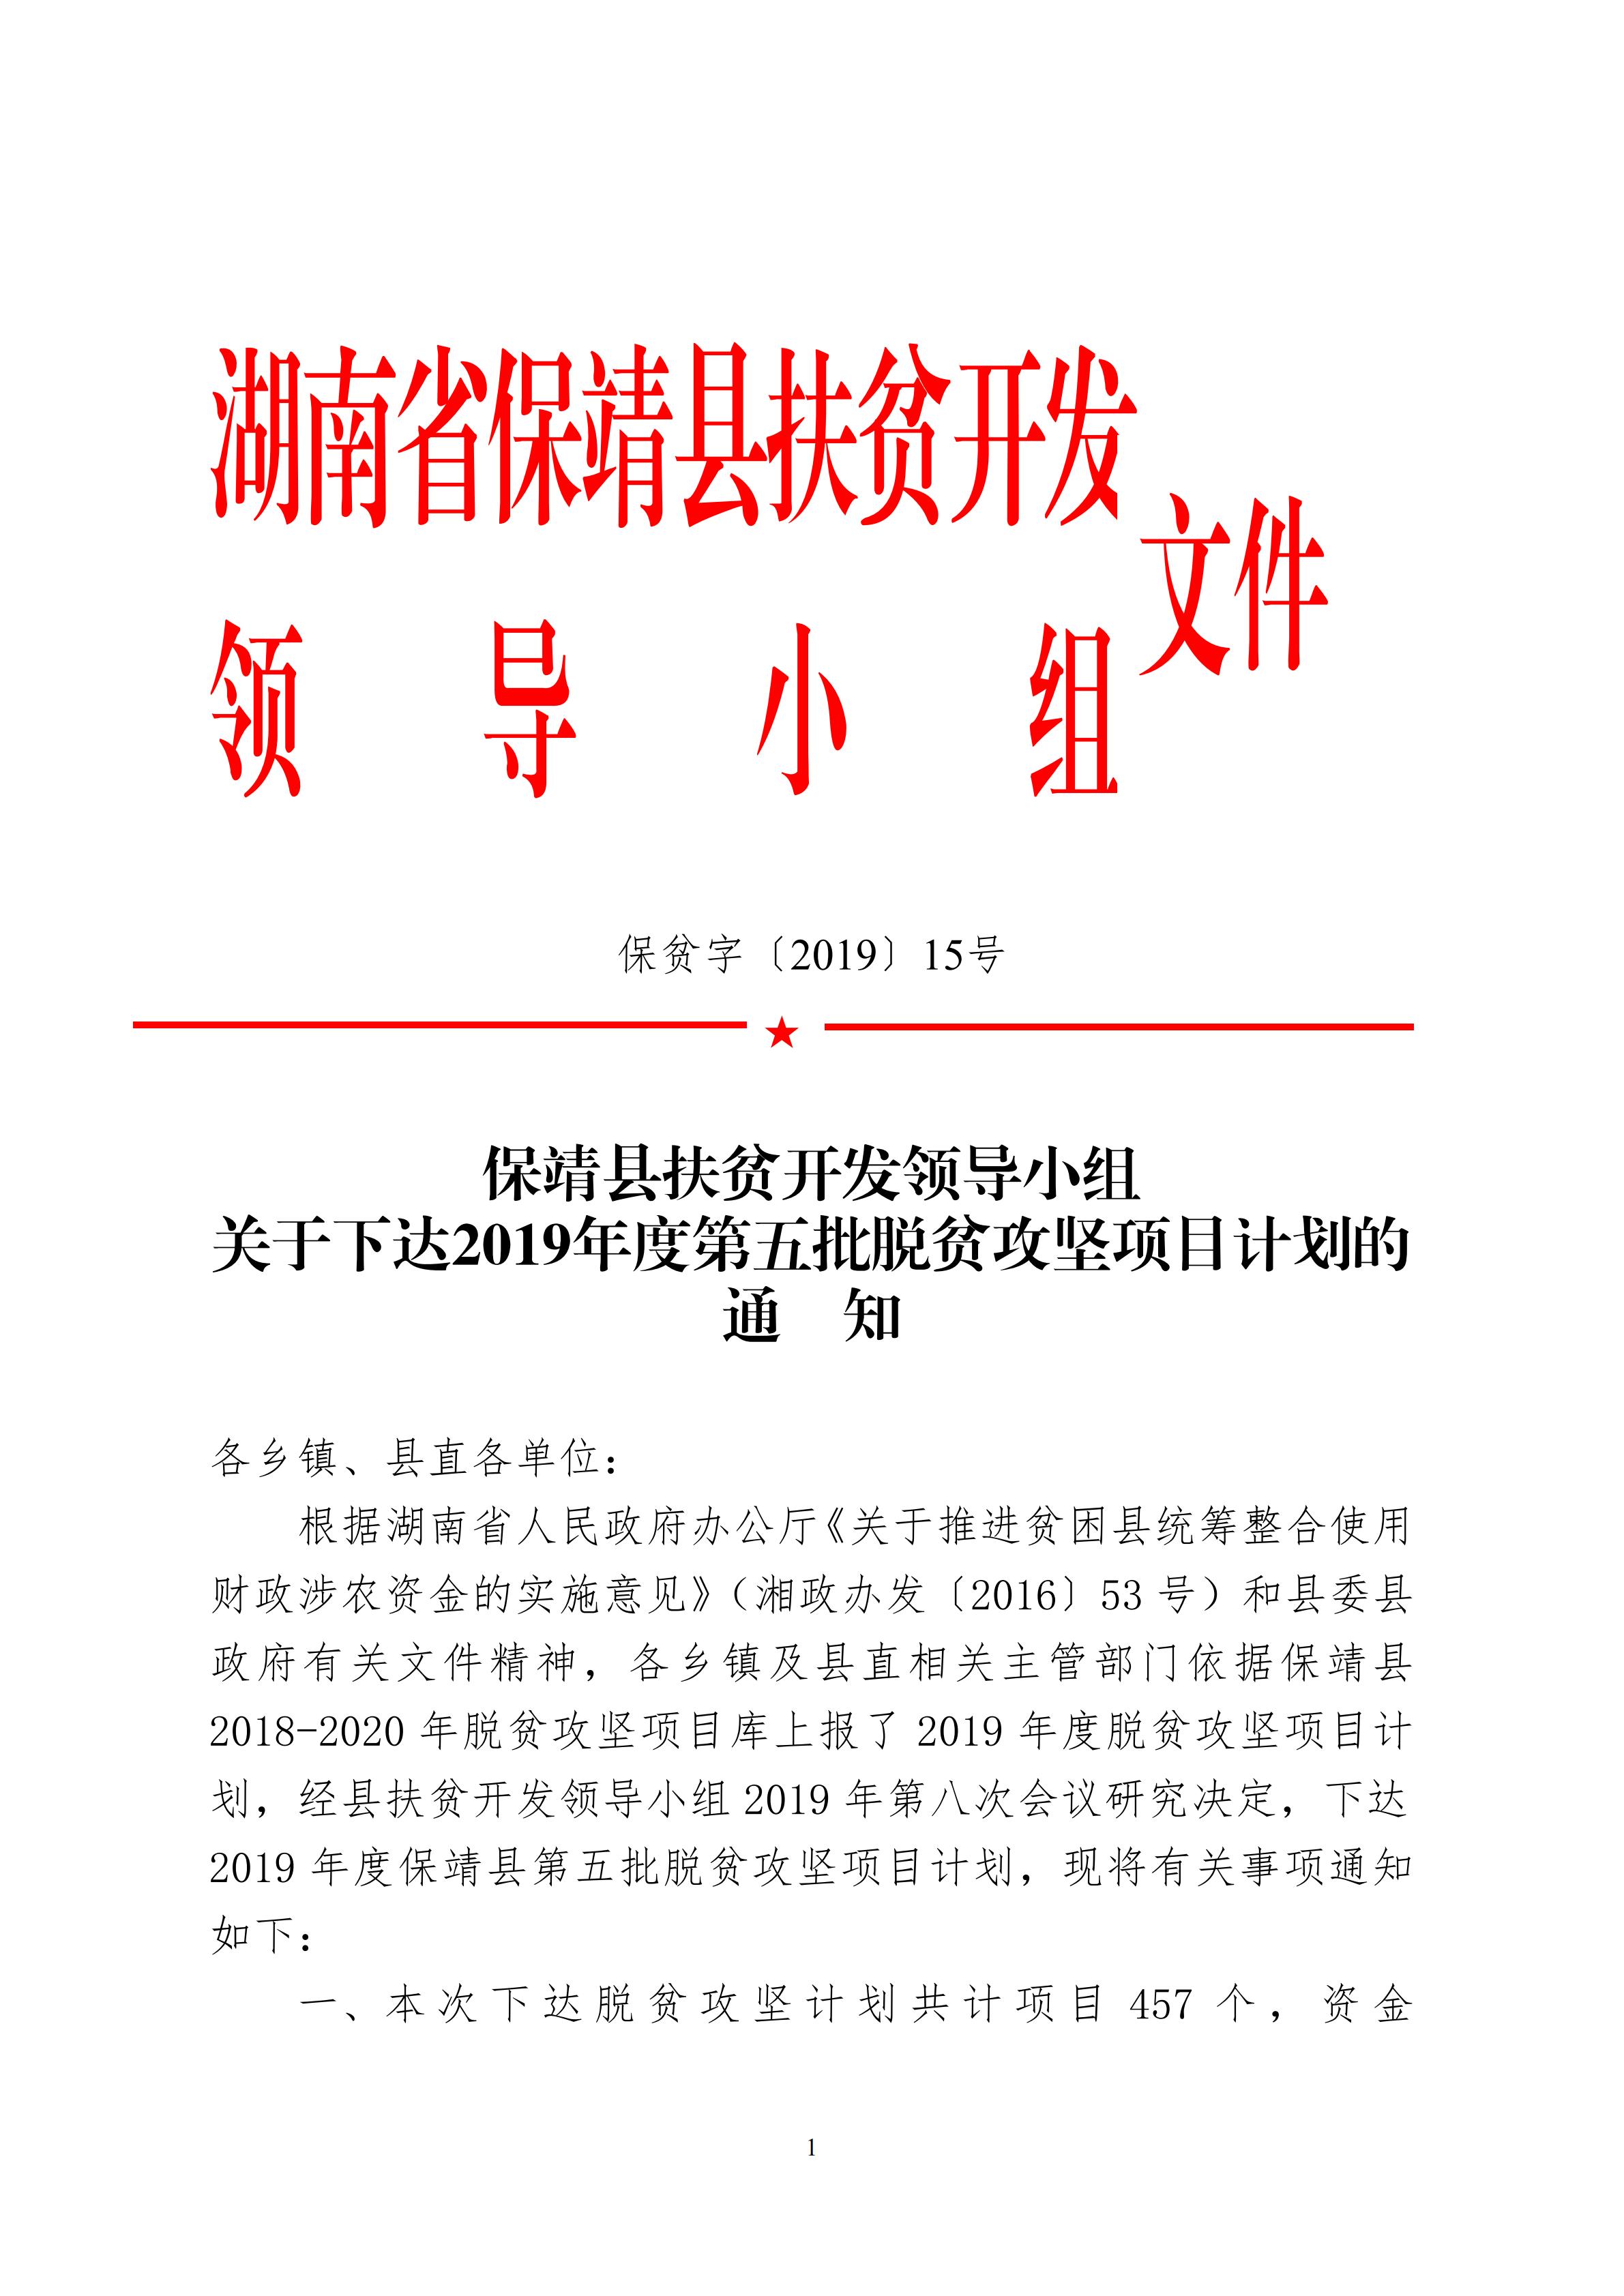 关于下达 2019年度保靖县第五批脱贫攻坚项目计划的通知(3)_00